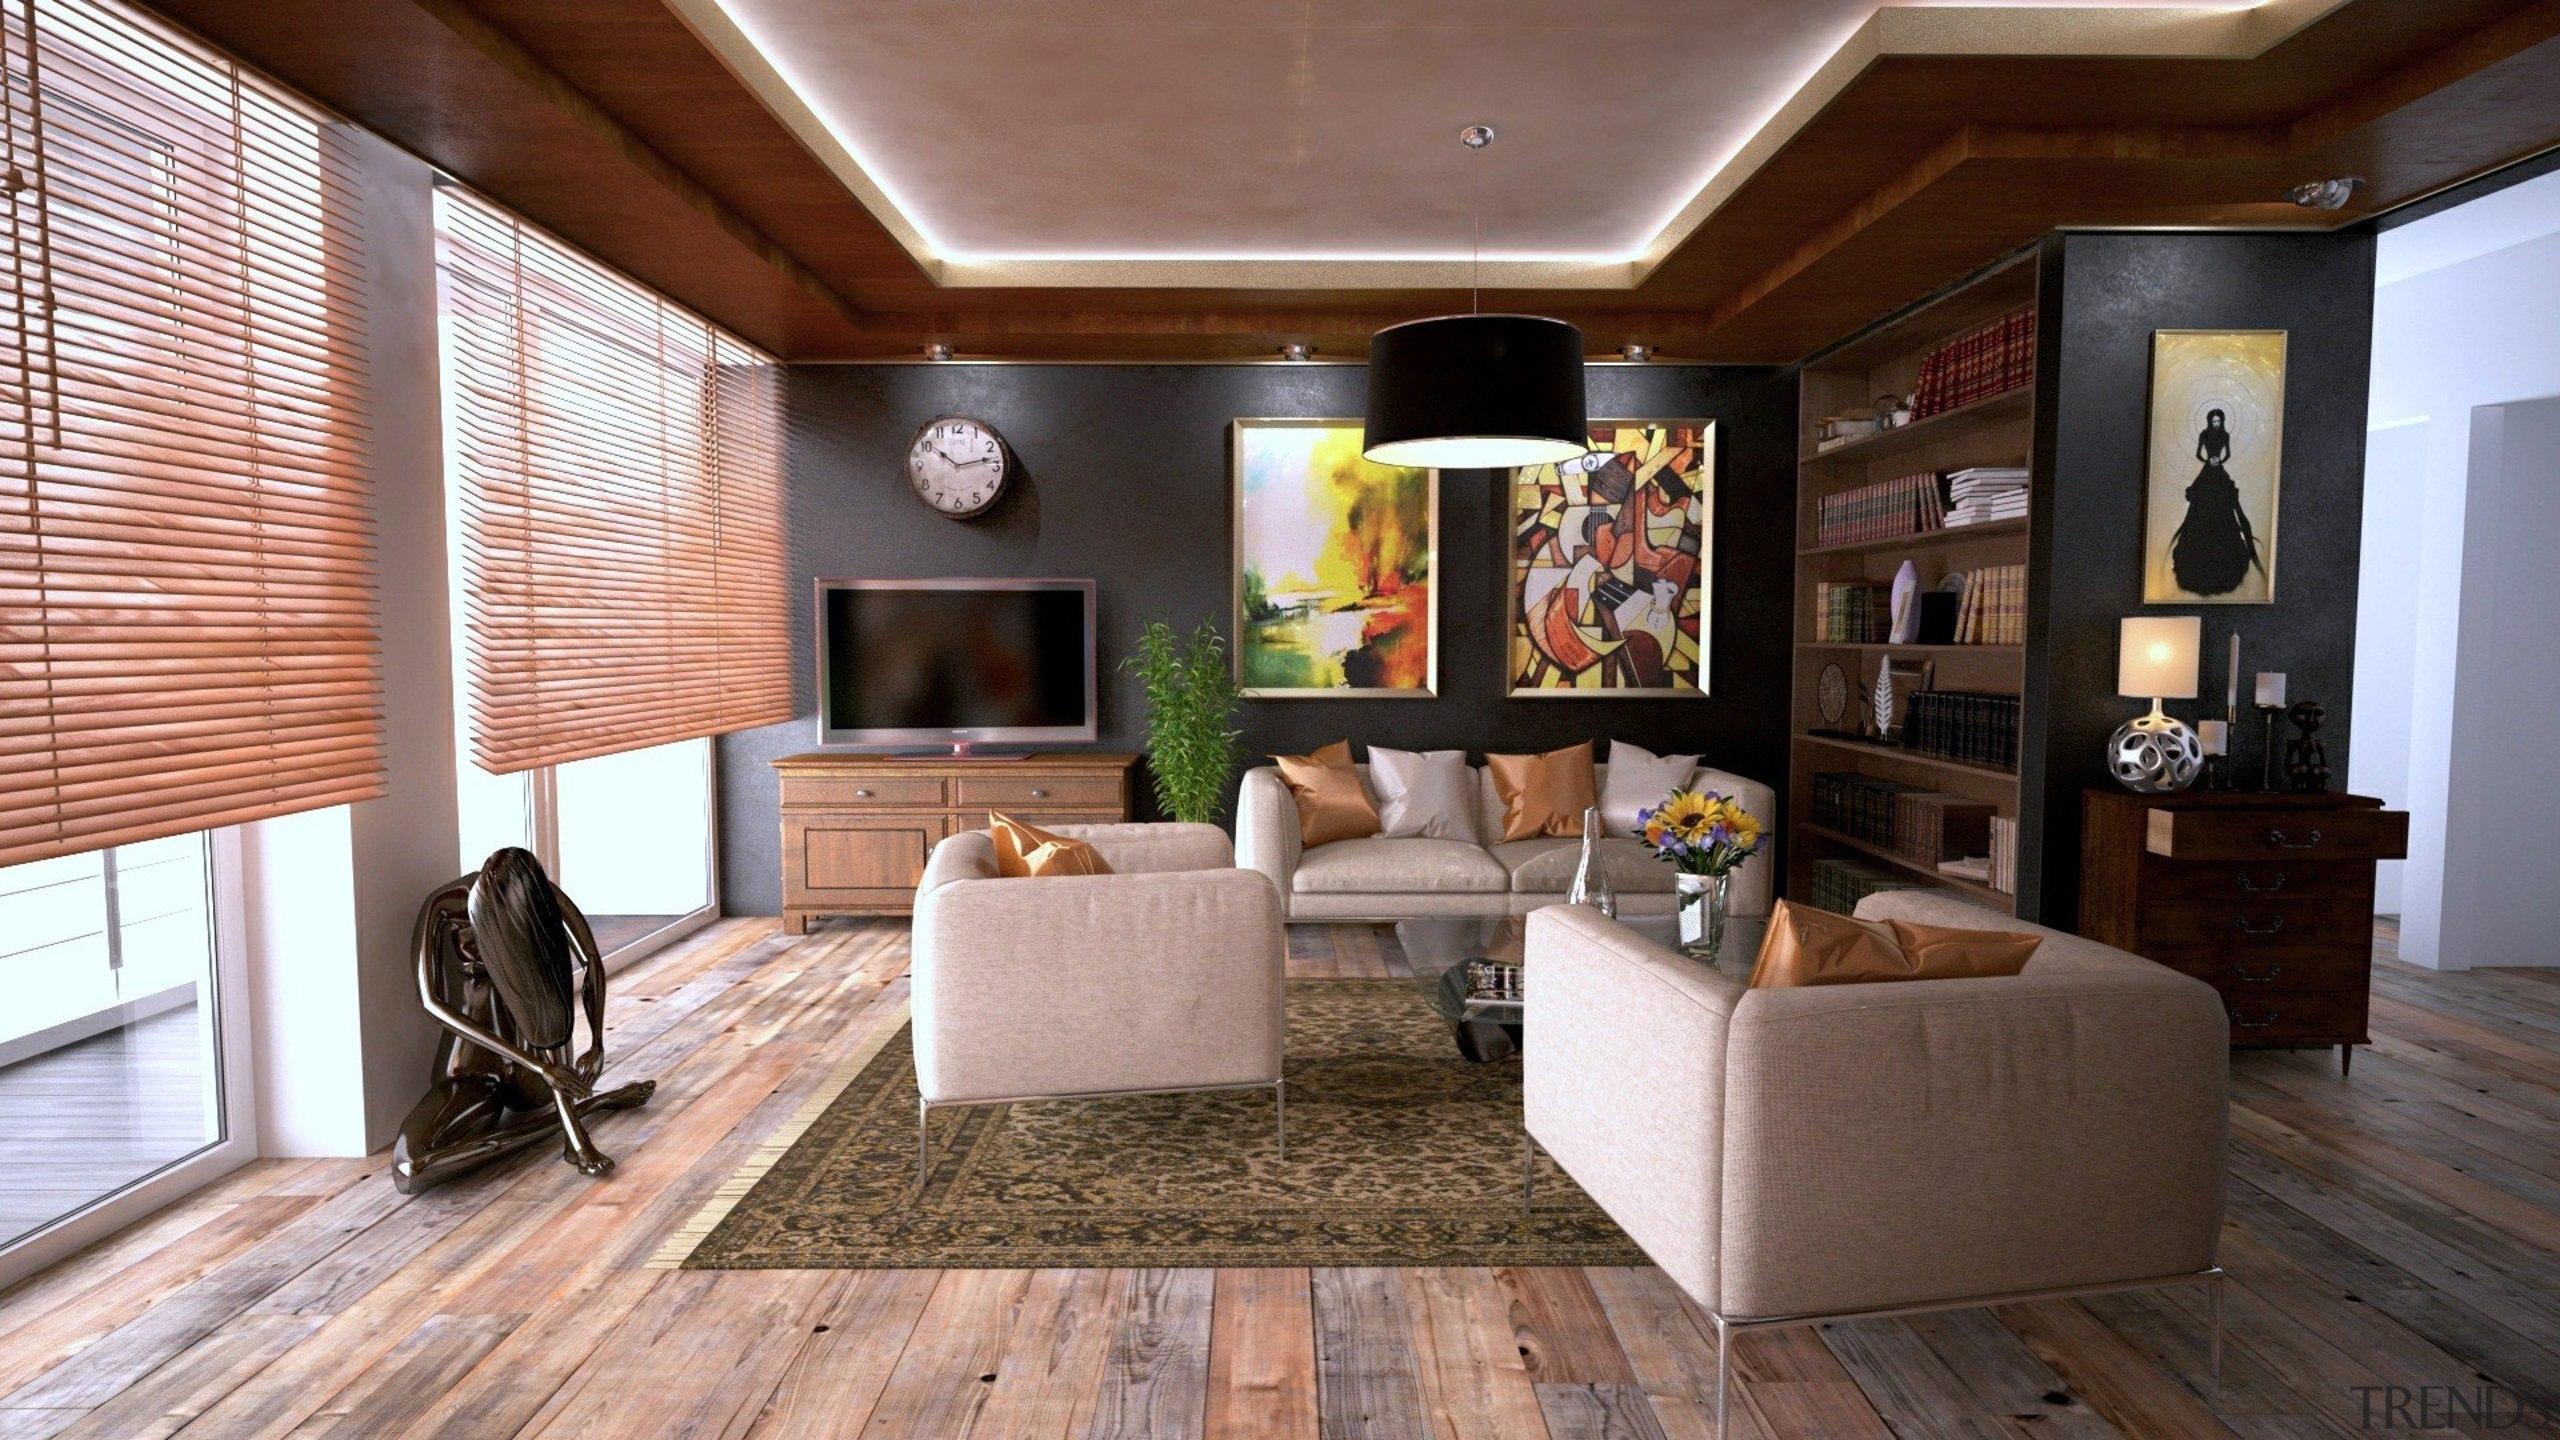 Barefoot On Wood Laminate Feels Like Pure Luxury ceiling, floor, flooring, hardwood, interior design, living room, real estate, room, gray